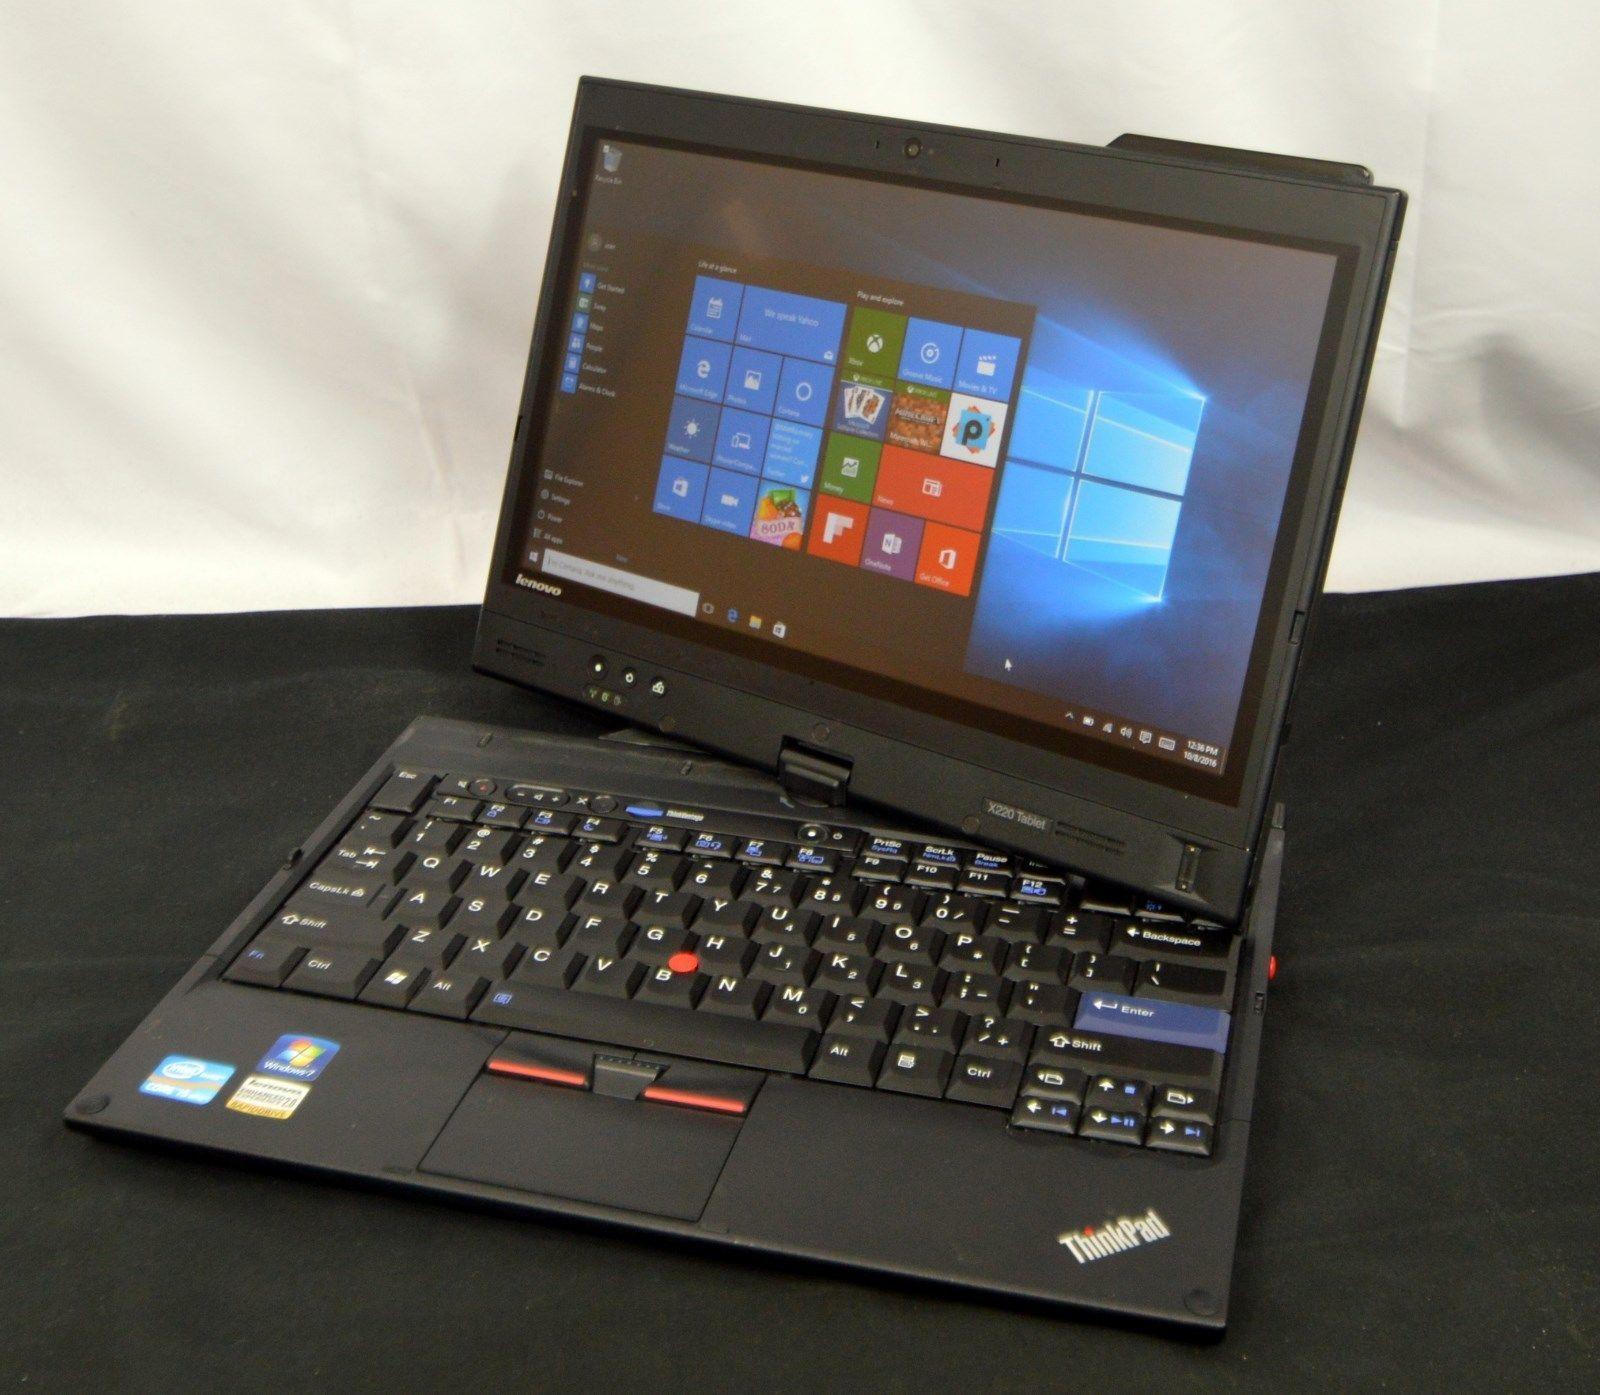 IBM Lenovo Thinkpad X220 Multitouch Tablet Pen PC 4GB 160GB